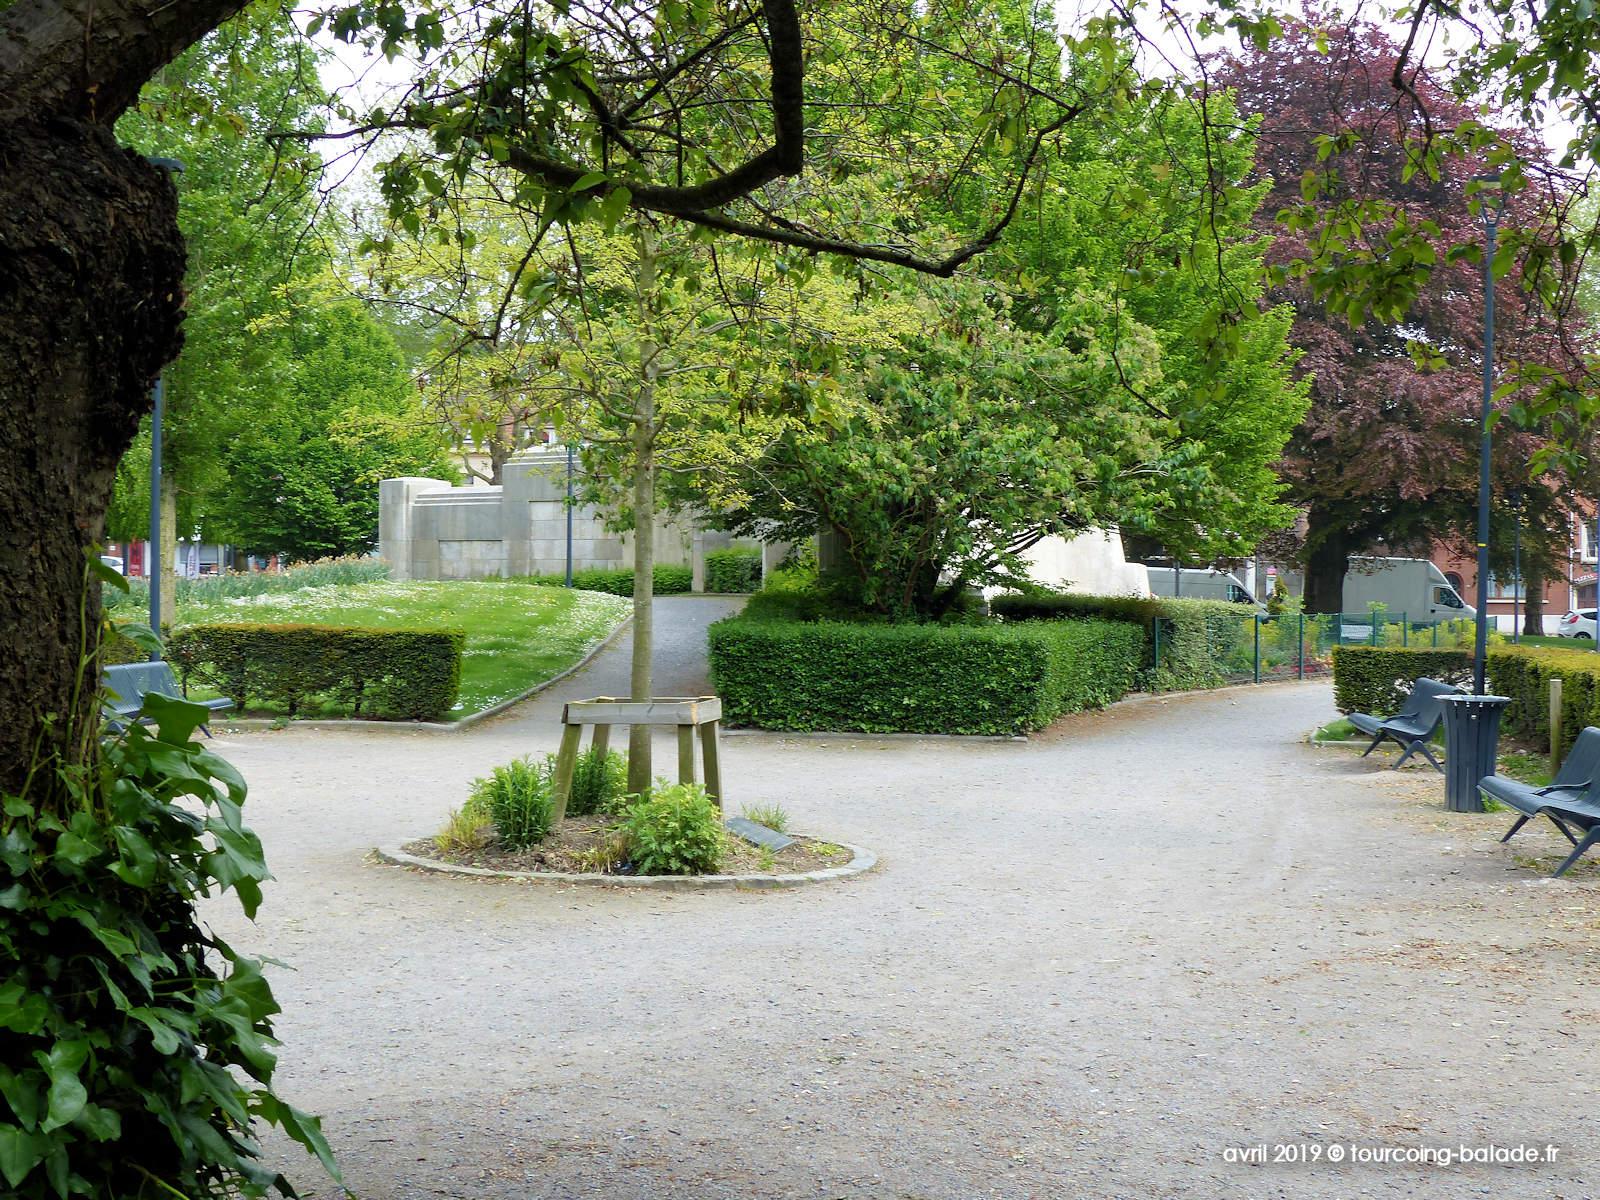 Parc Victoire Arbre Liberté, Tourcoing 2019